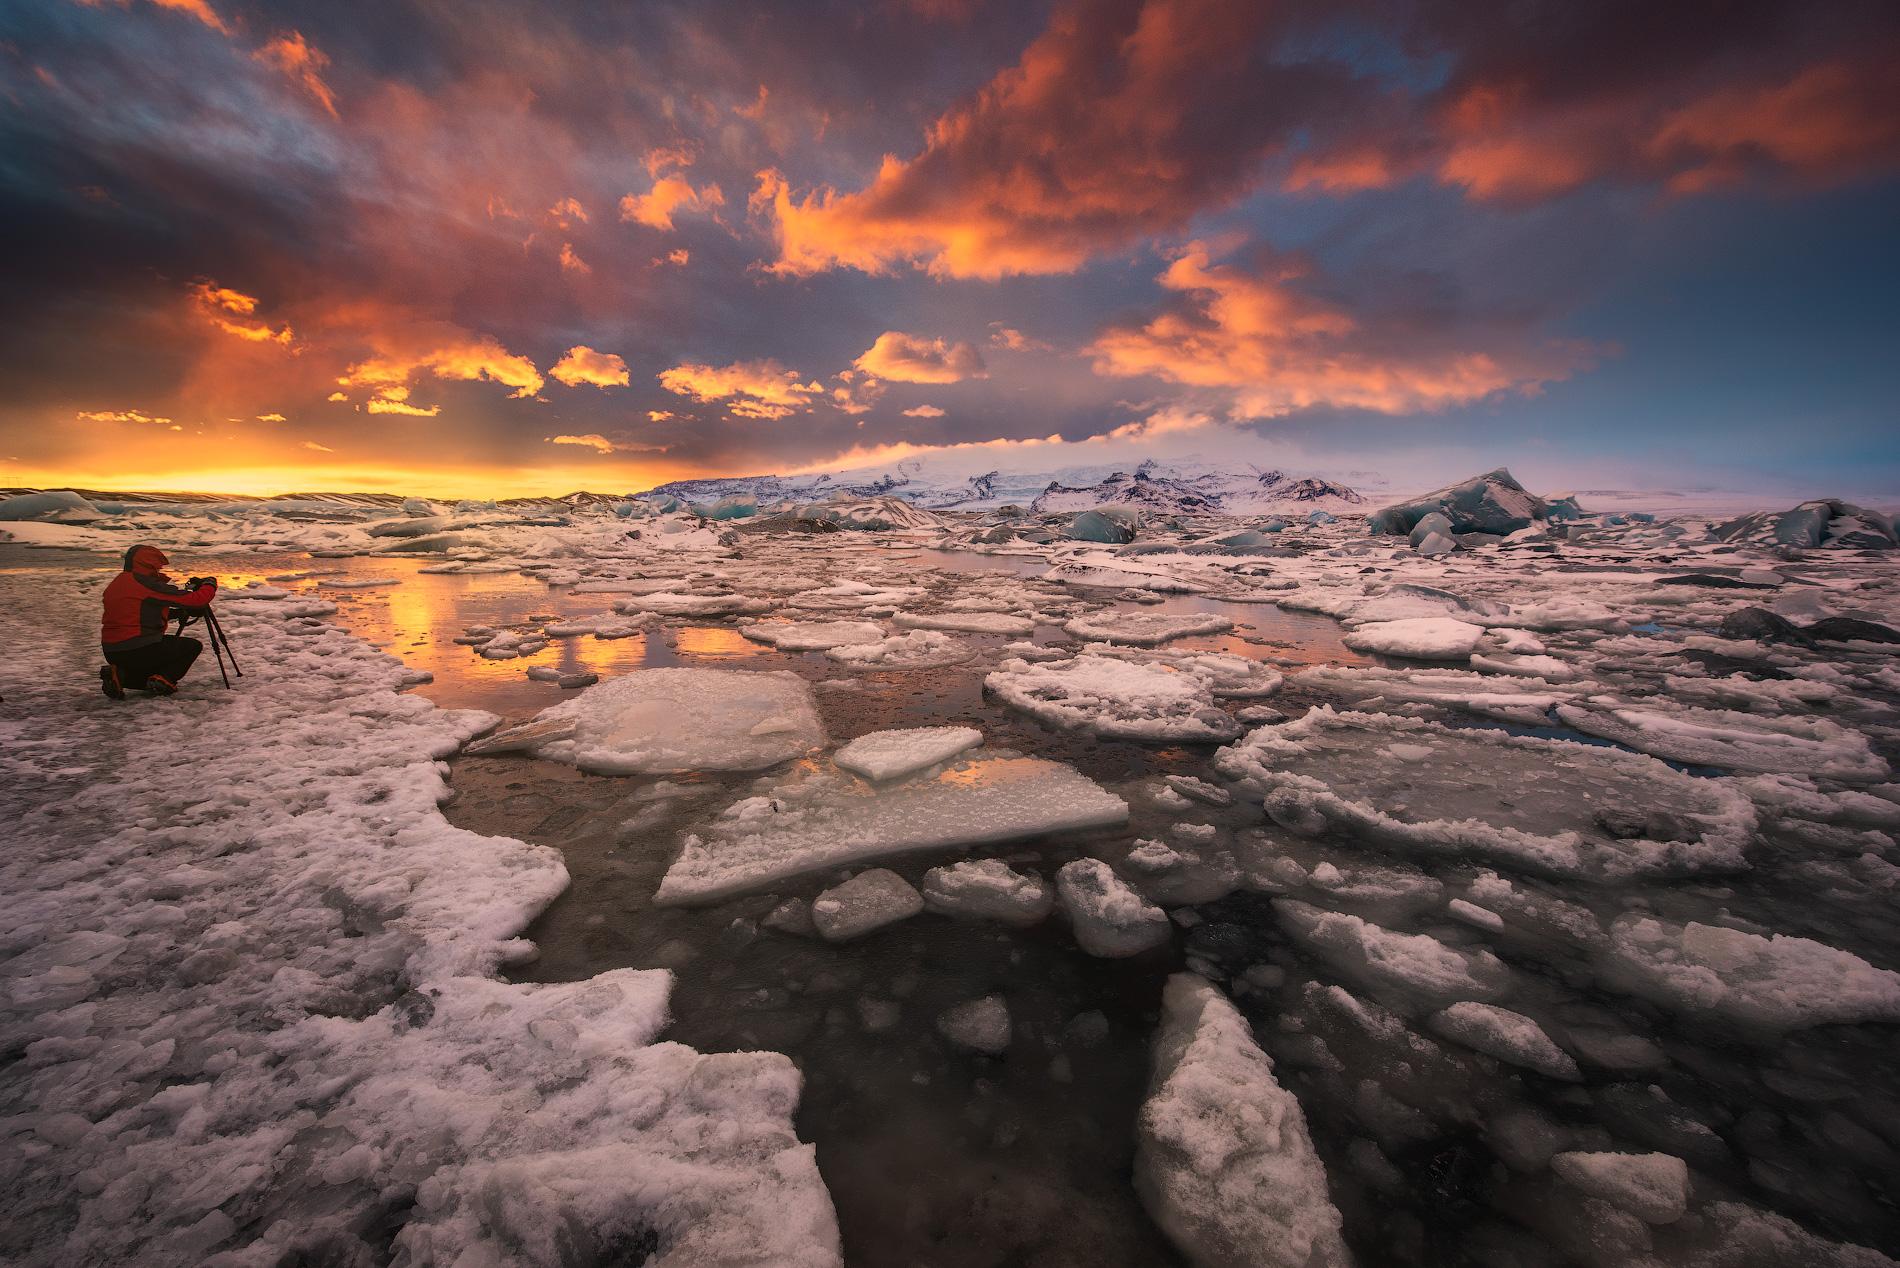 13-дневный экстрим-фототур по горной Исландии | Южное побережье Исландии и высокогорье - day 3